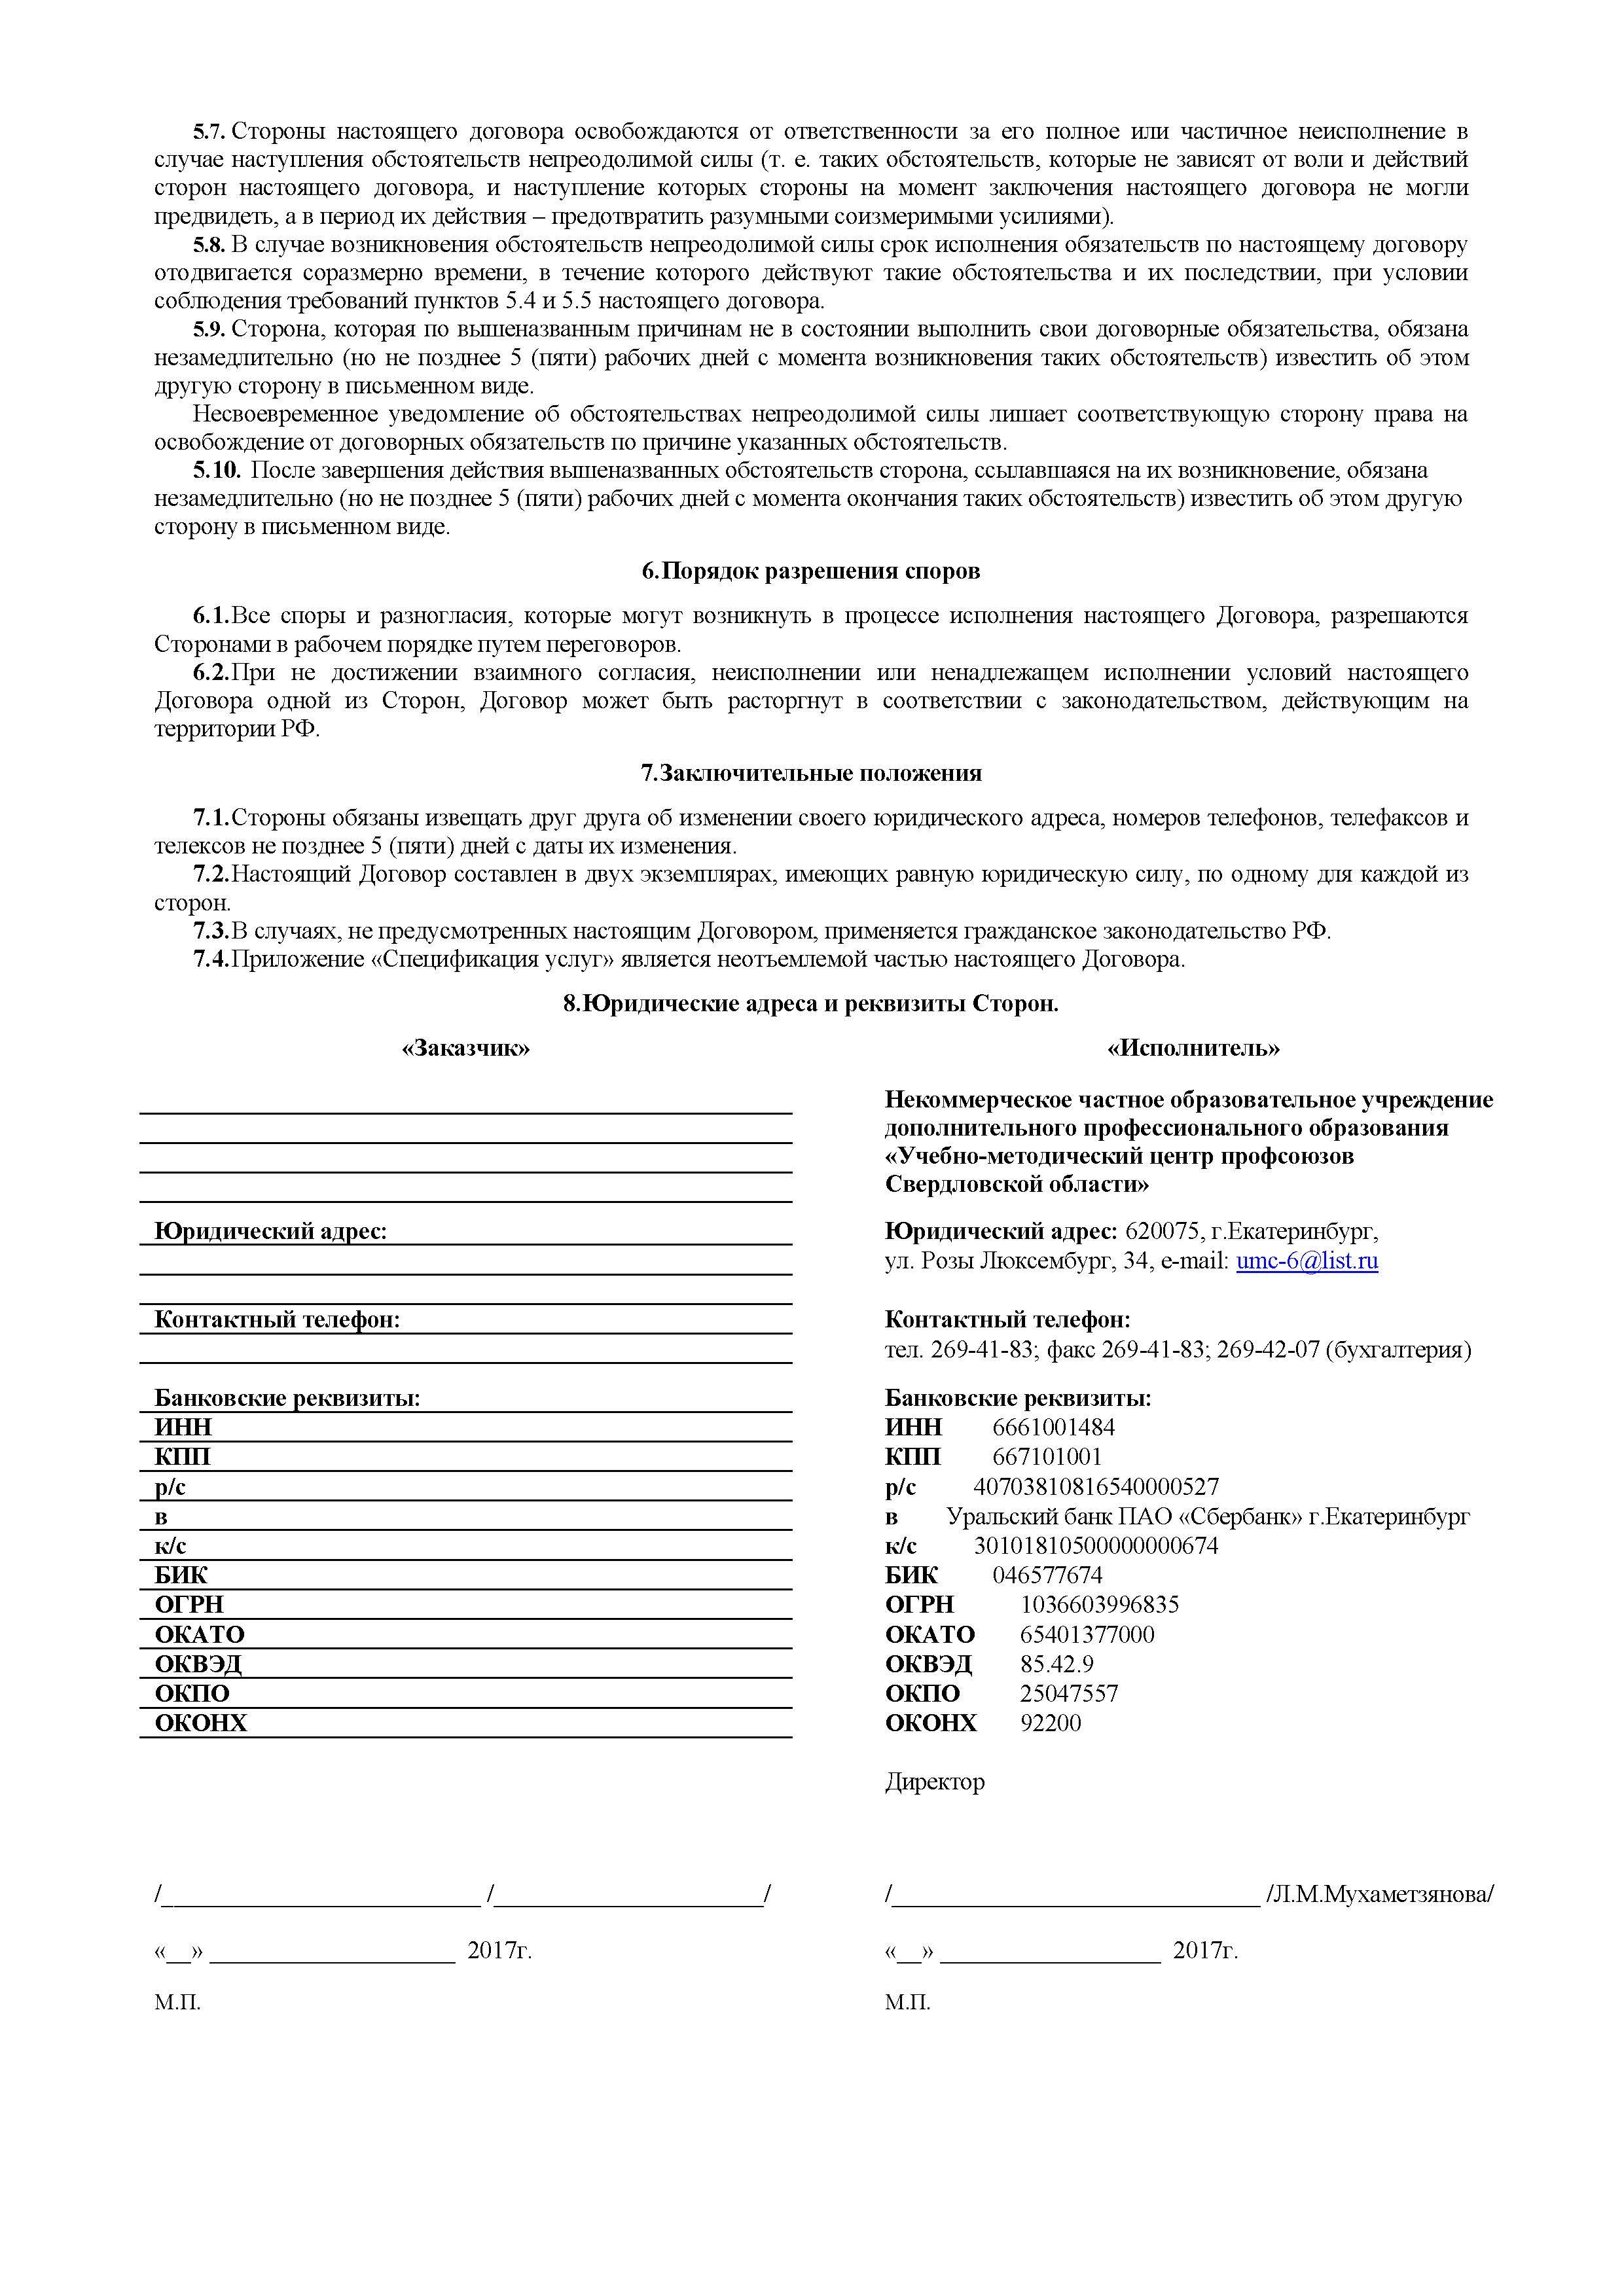 Договор_Страница_3